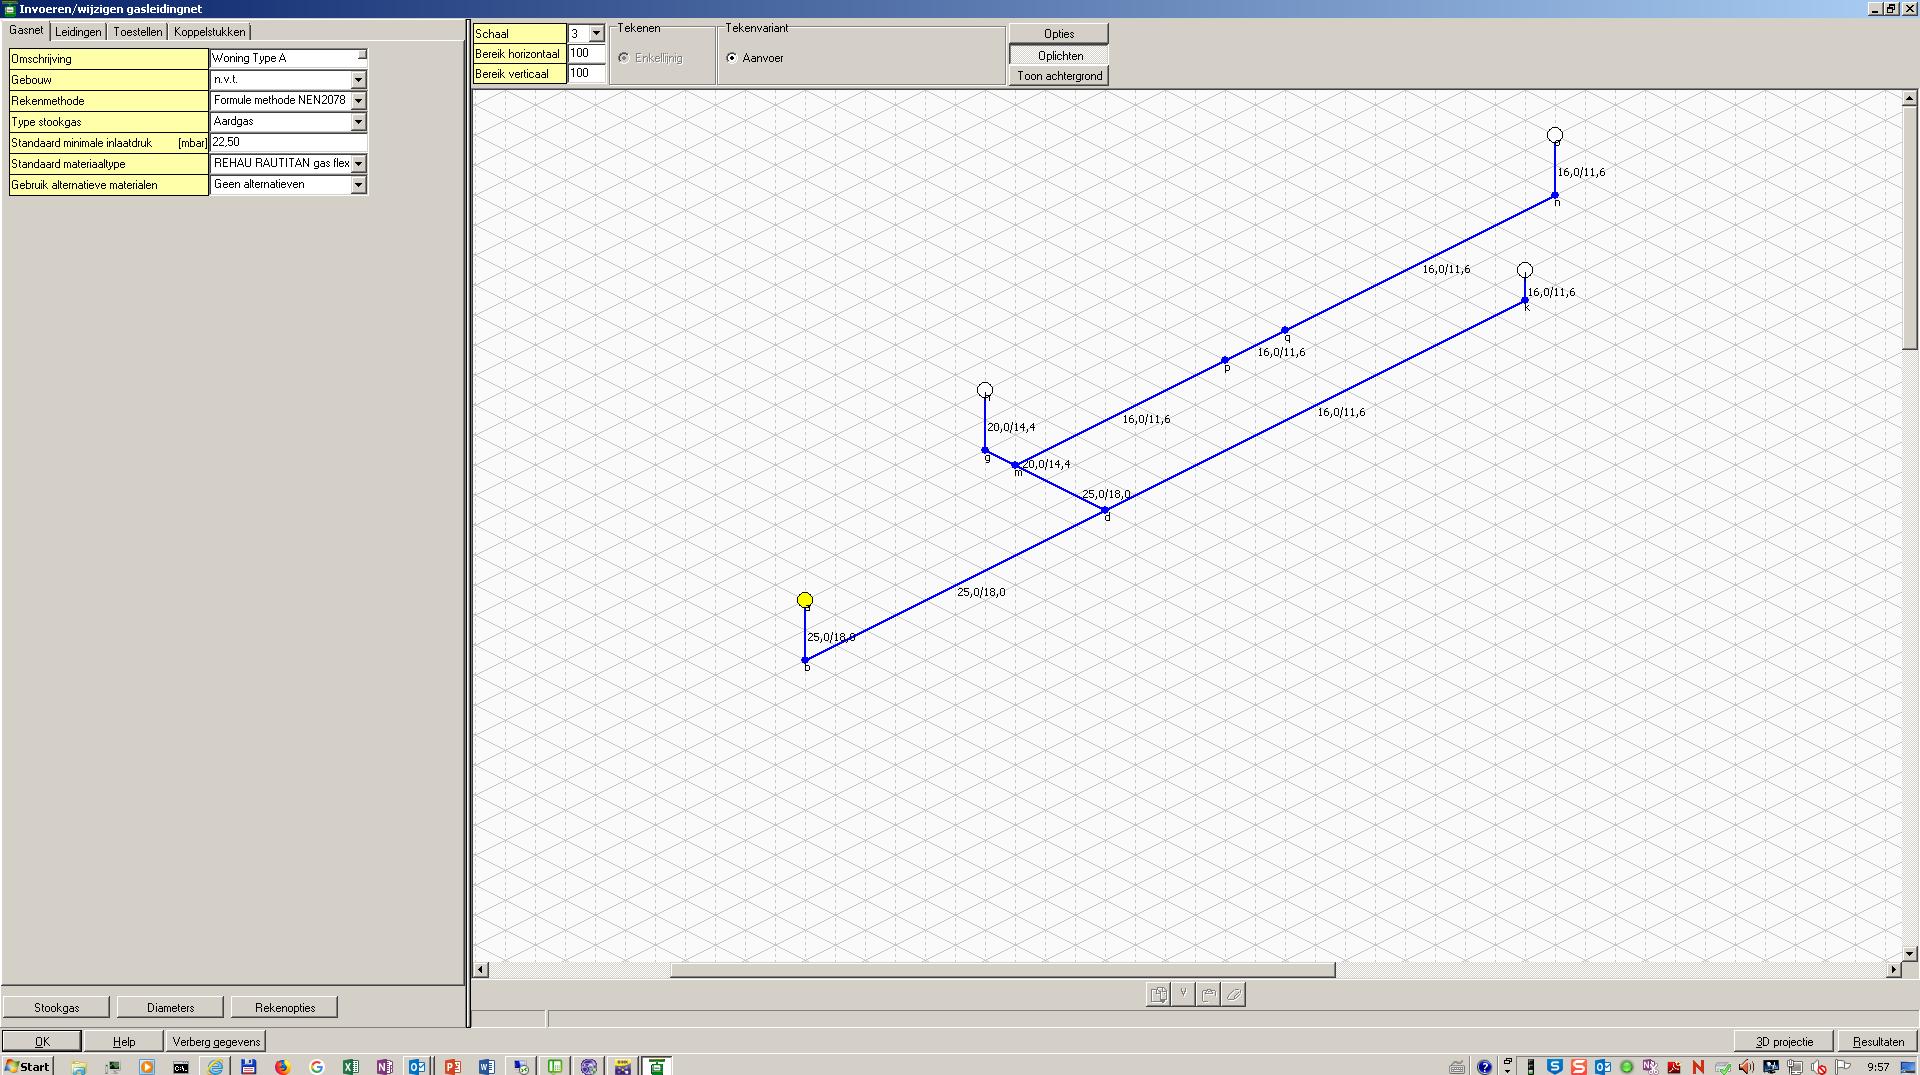 Zeer Gasleiding - modelleren en berekenen gasleidingnet voor woningen TQ37